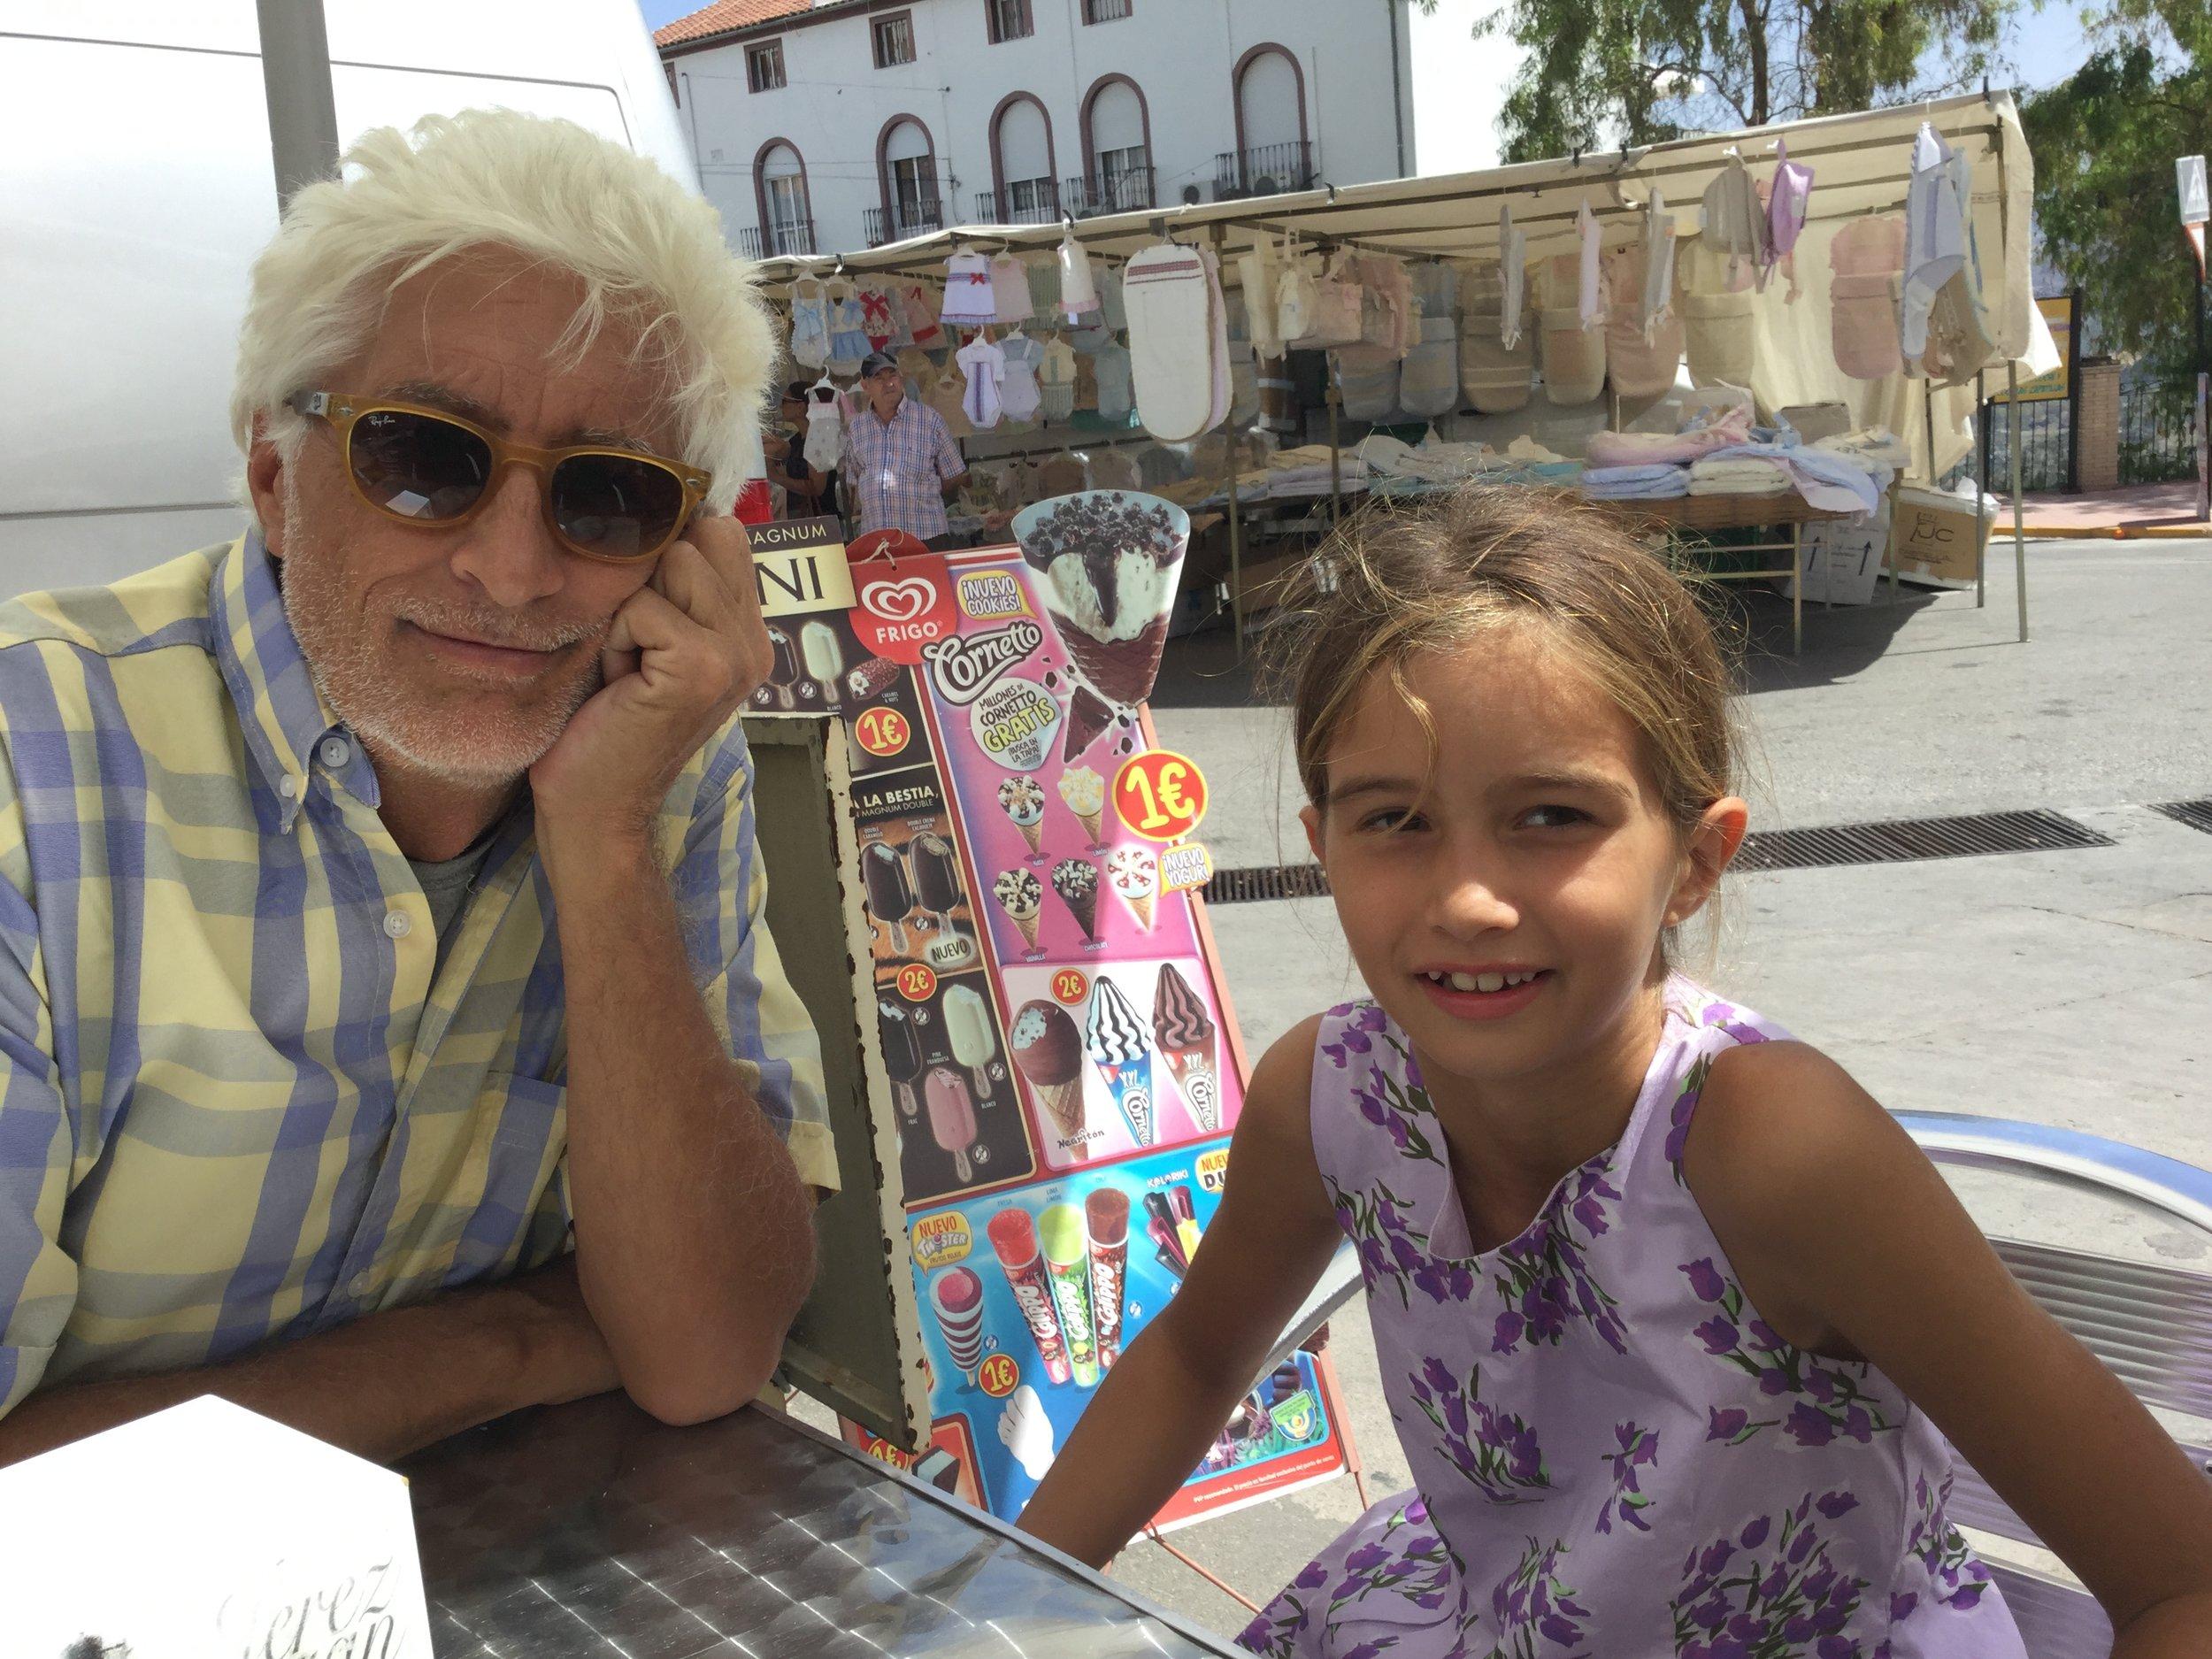 At Cafe Pepe